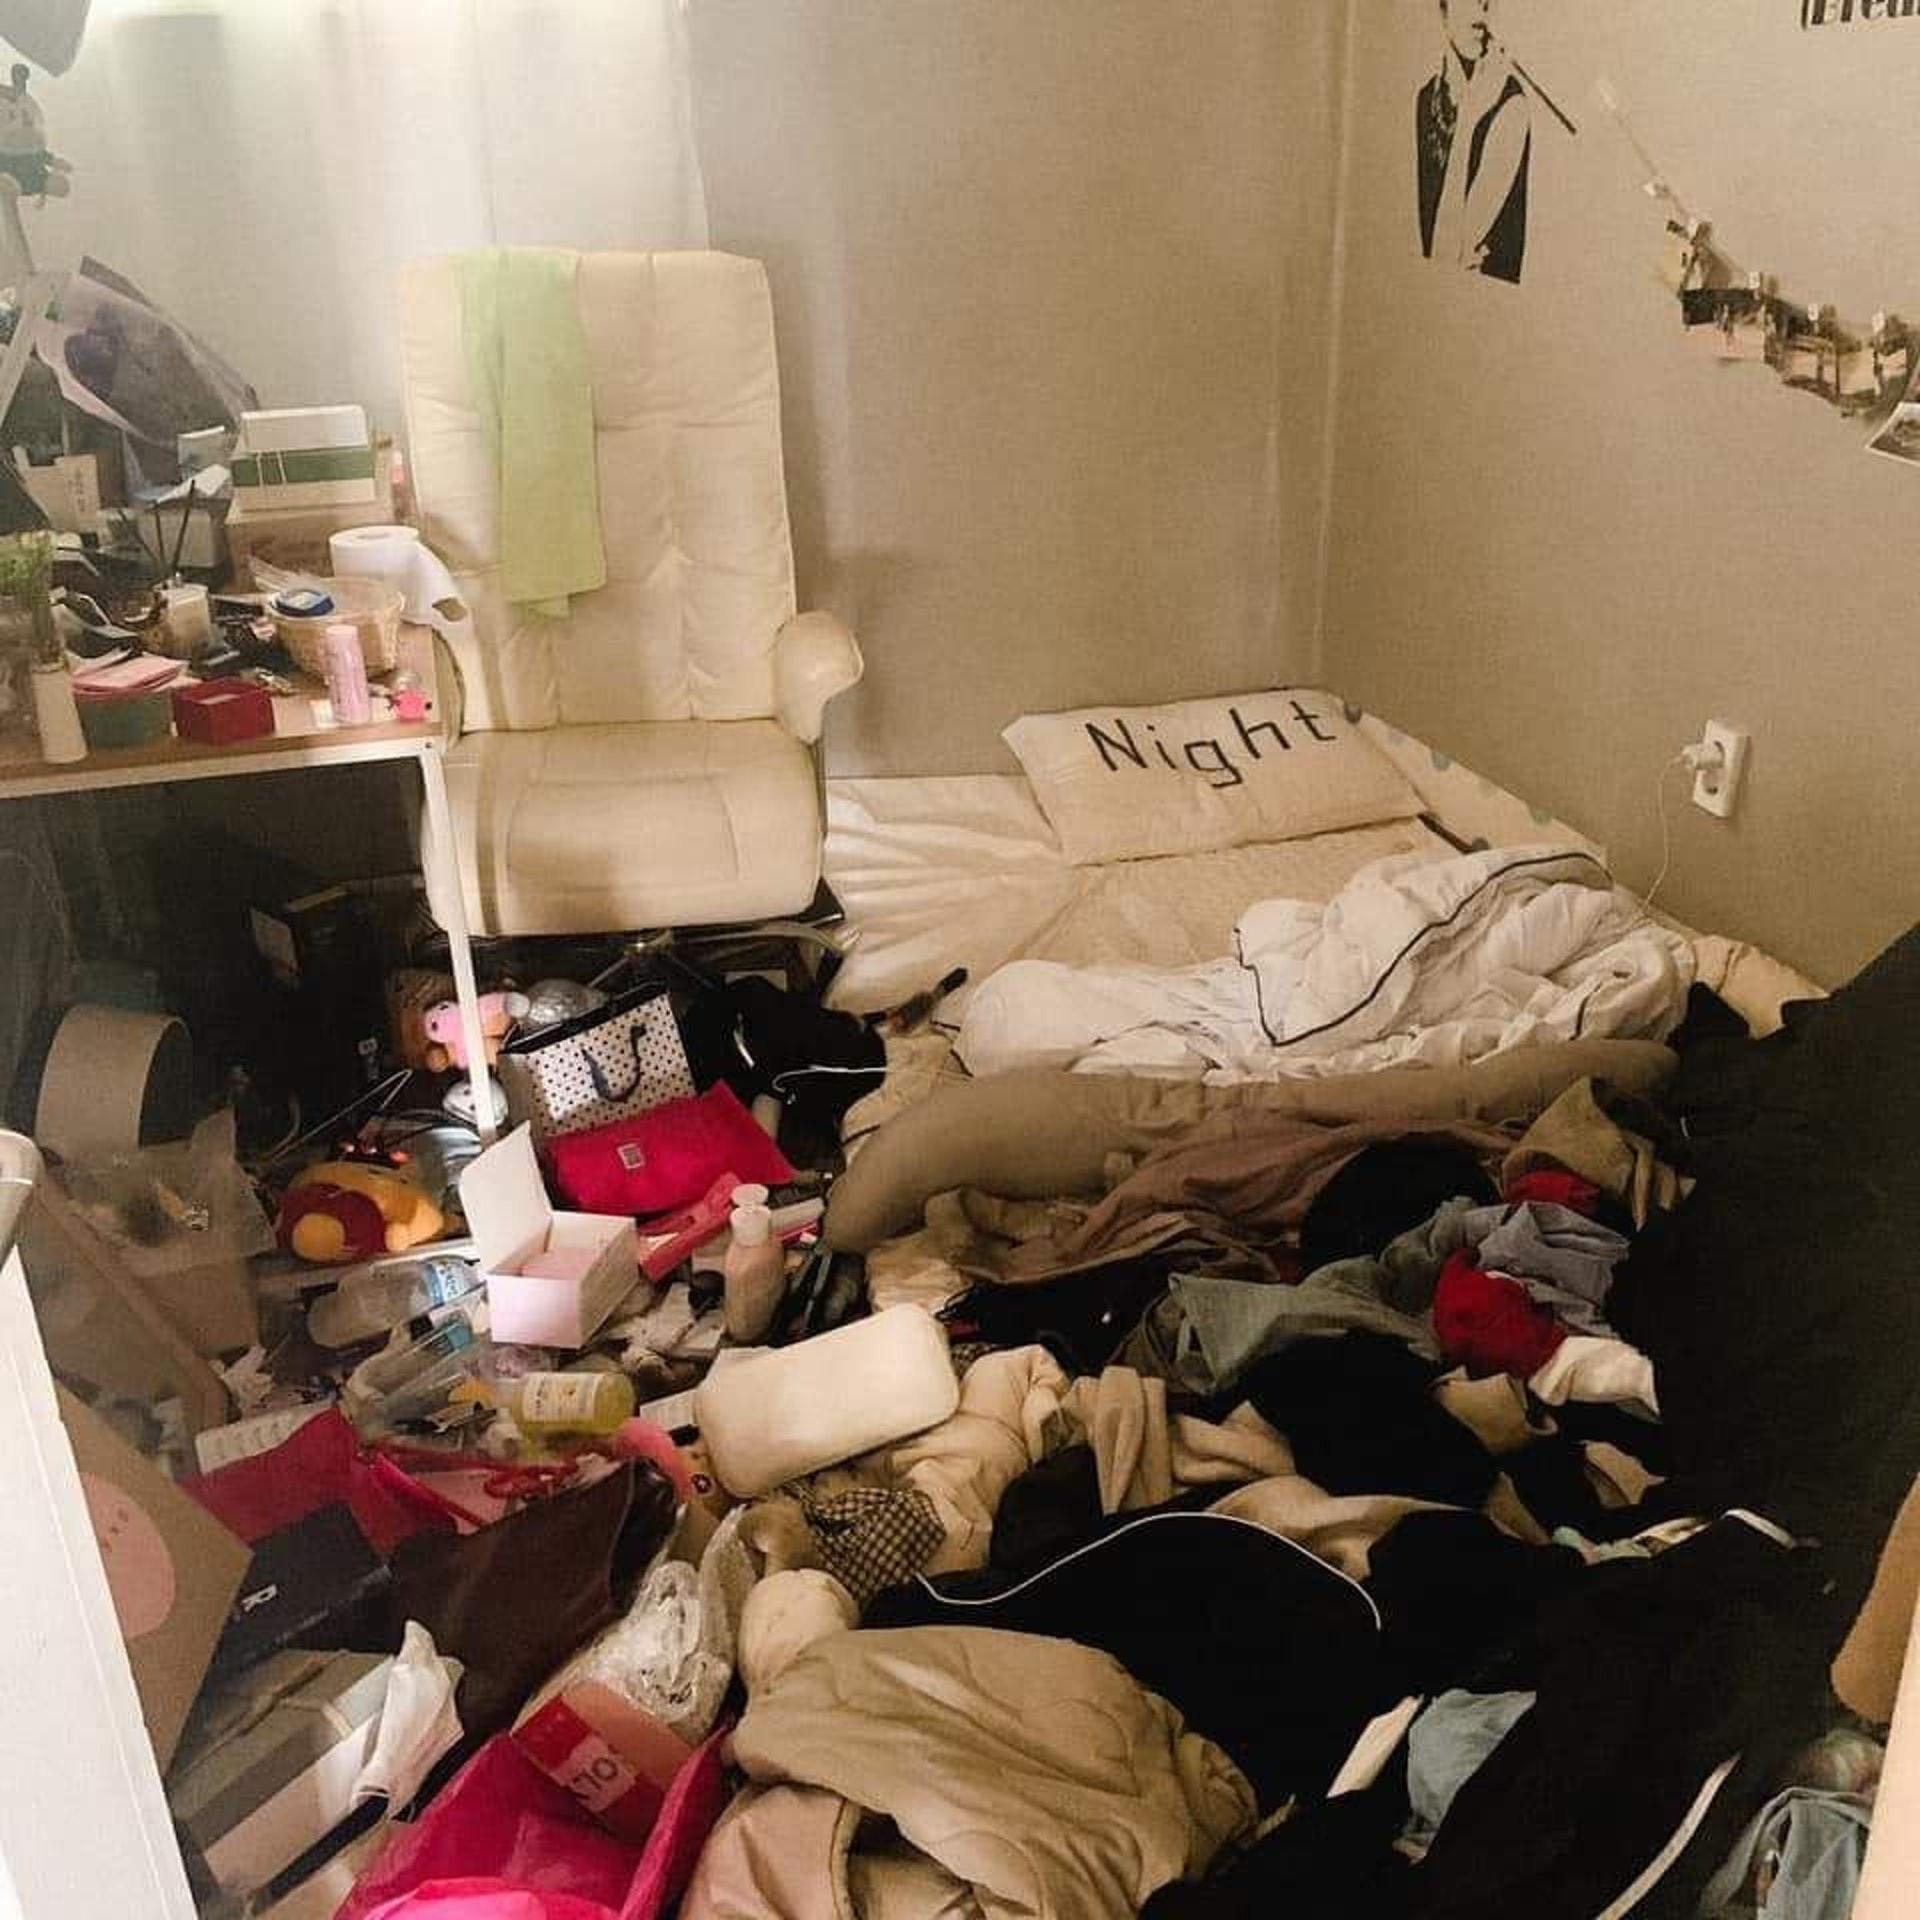 ▲▼骯髒房間(圖/翻攝自Facebook/대학생 너구리)